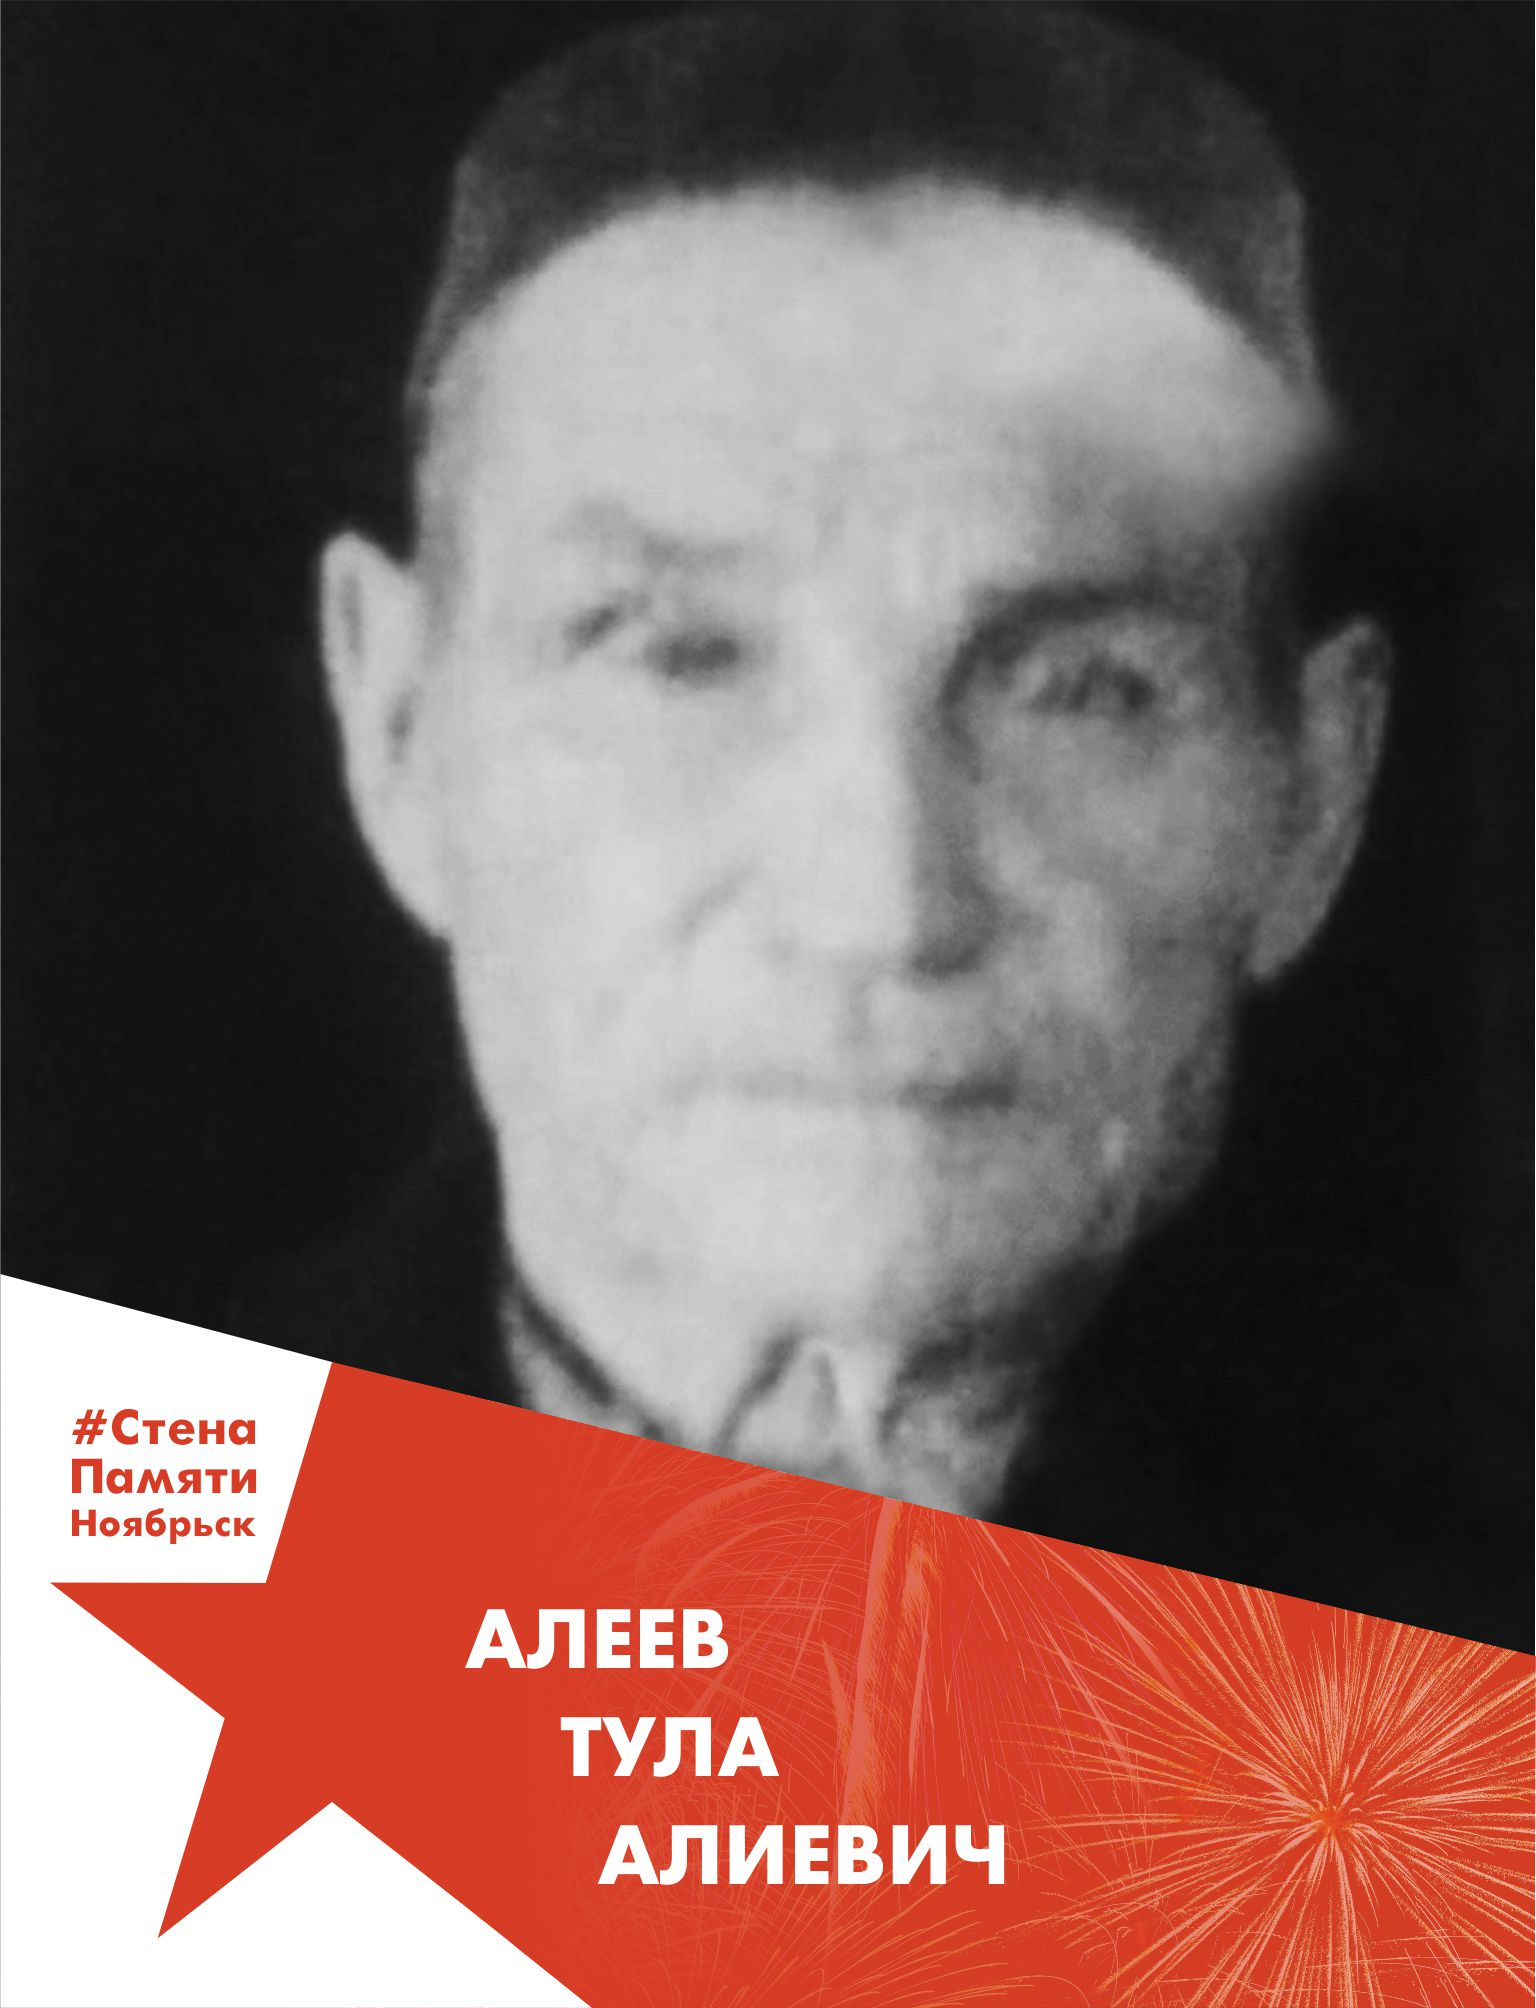 Алеев Тулла Алиевич